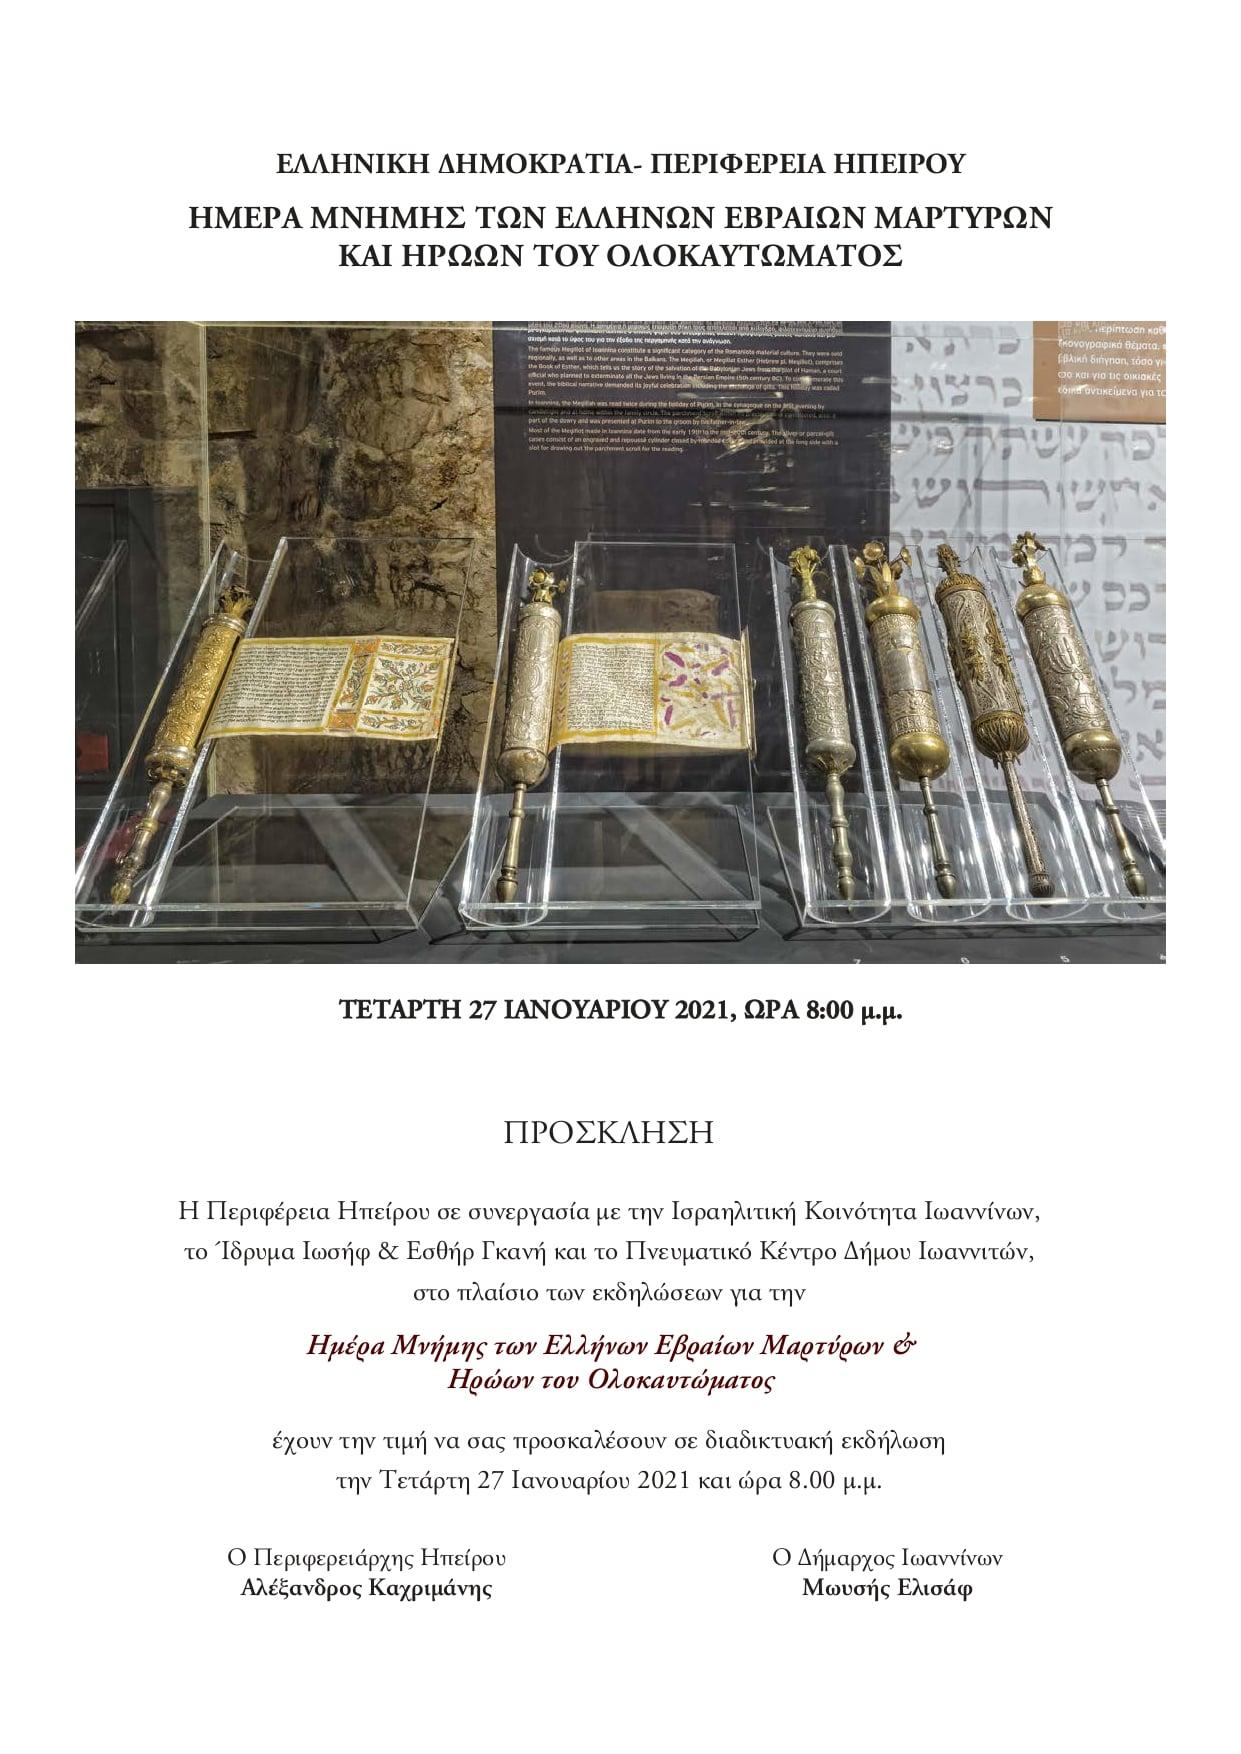 Ιωάννινα:Διαδικτυακή εκδήλωση  σήμερα για την Ημέρα Μνήμης των Ελλήνων Εβραίων Μαρτύρων & Ηρώων του Ολοκαυτώματος